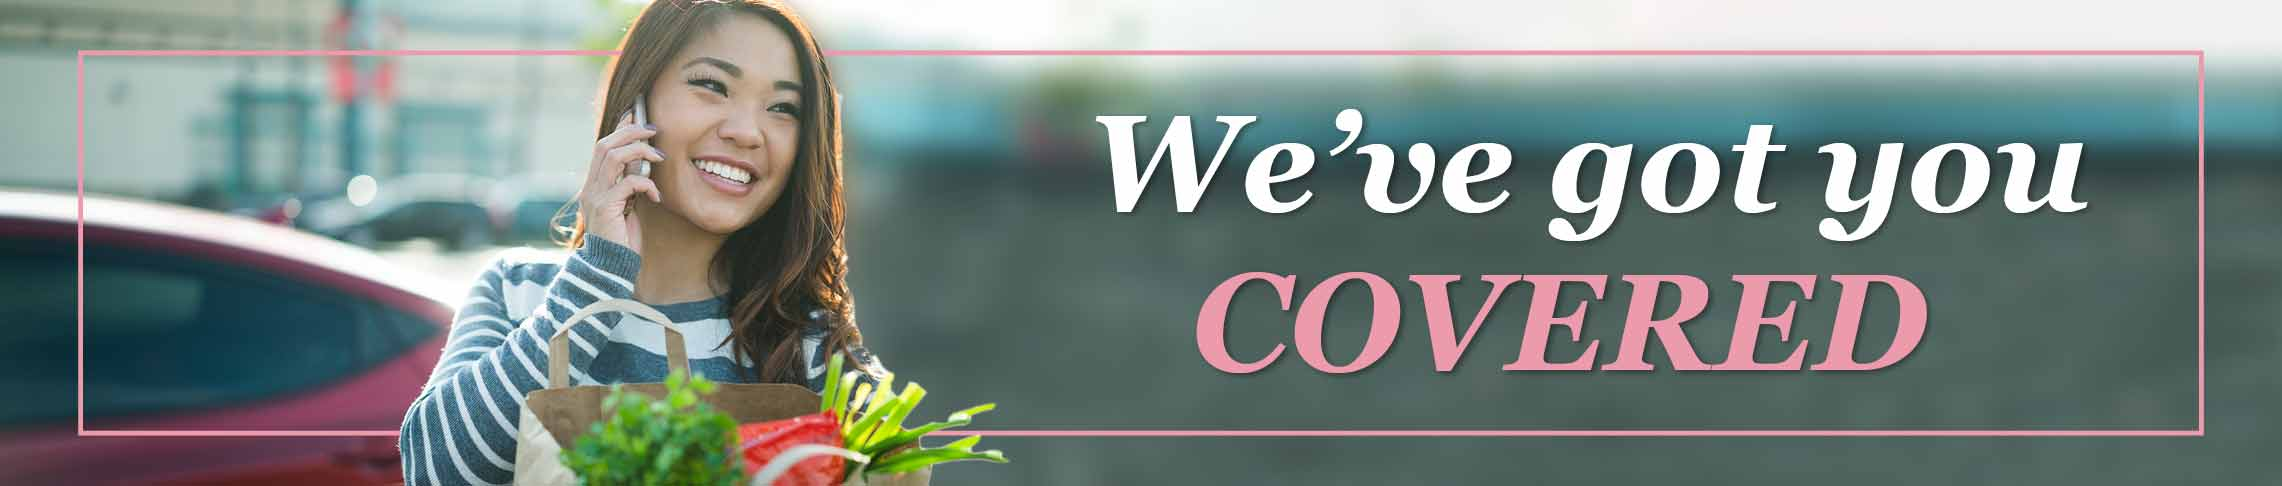 Car, Life, Home Insurance | 1st for Women Insurance